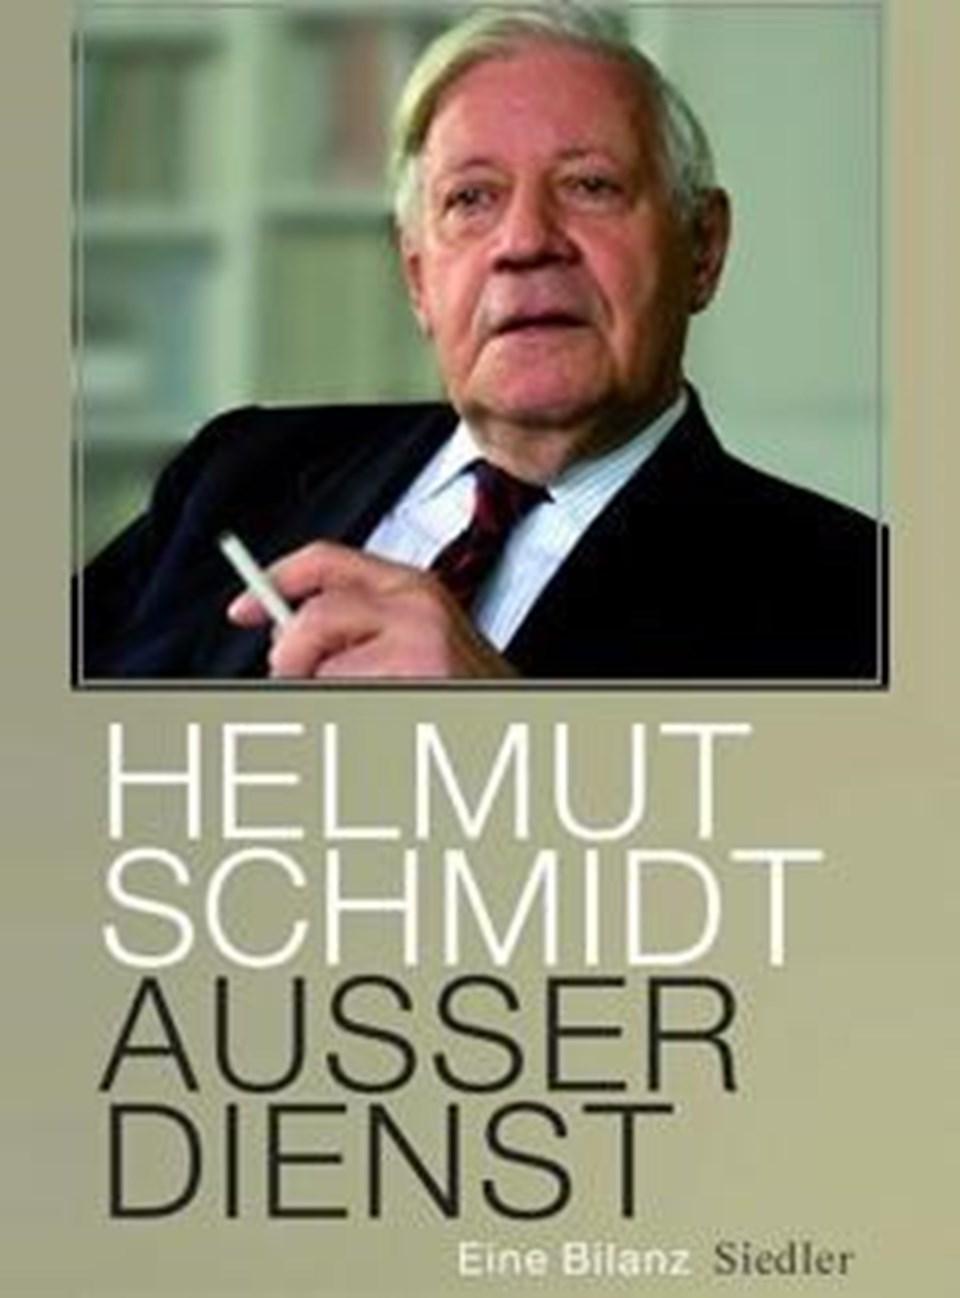 Schmidt'in dış politikasını anlatan kitabın kapağı